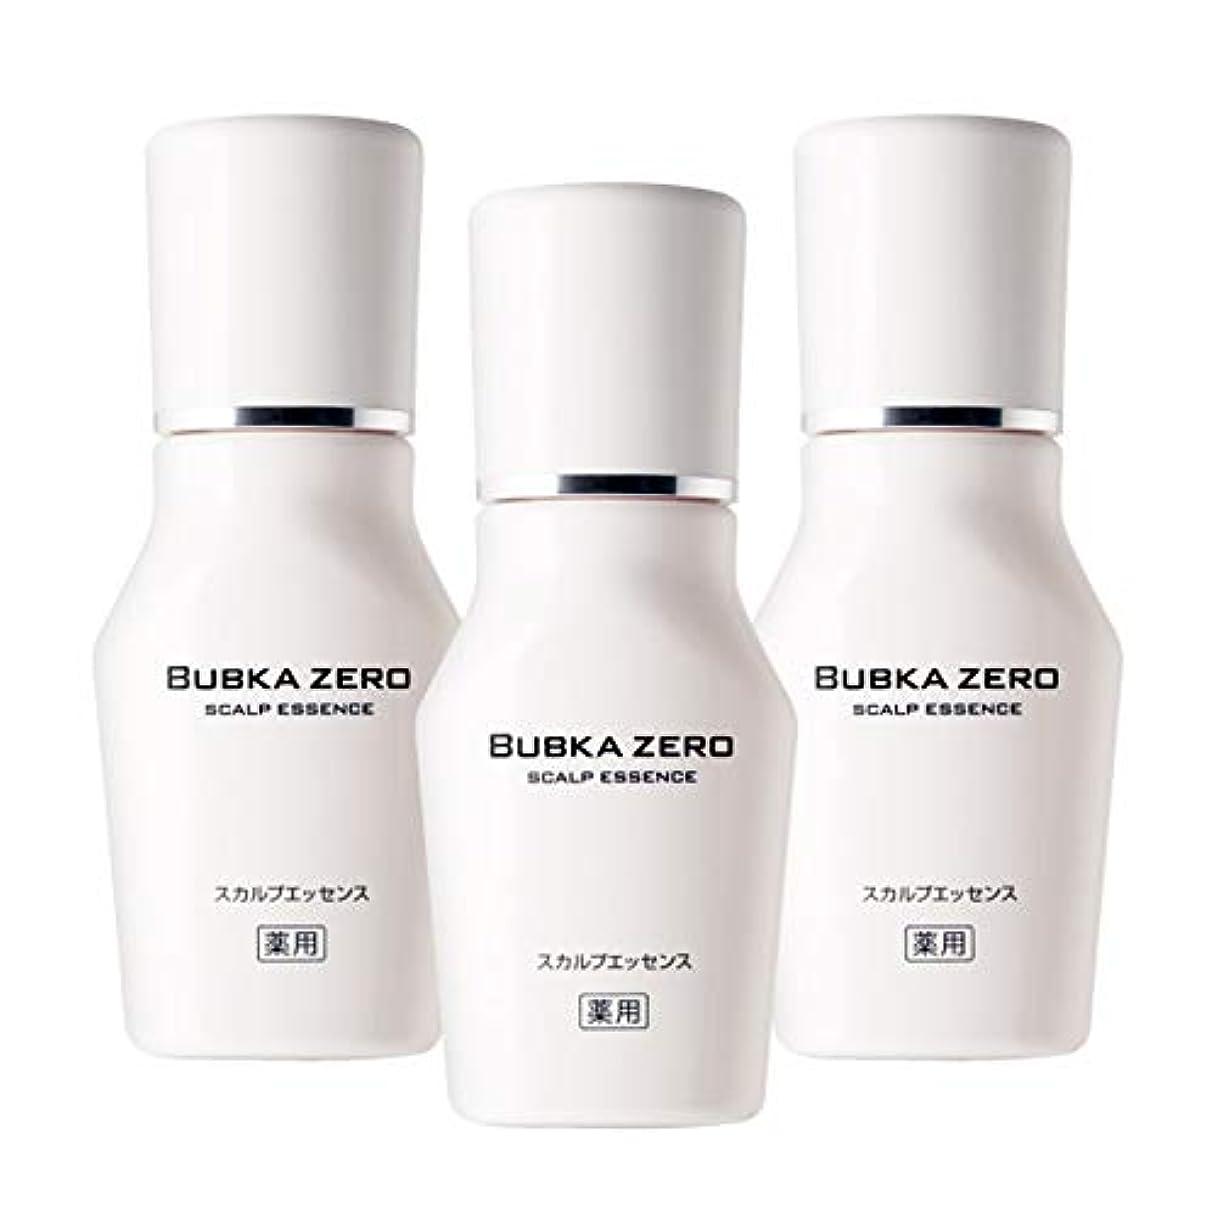 シード記憶お金【医薬部外品】BUBKA(ブブカ)薬用 スカルプエッセンス 育毛剤 BUBKA ZERO (ブブカ ゼロ)3本セット